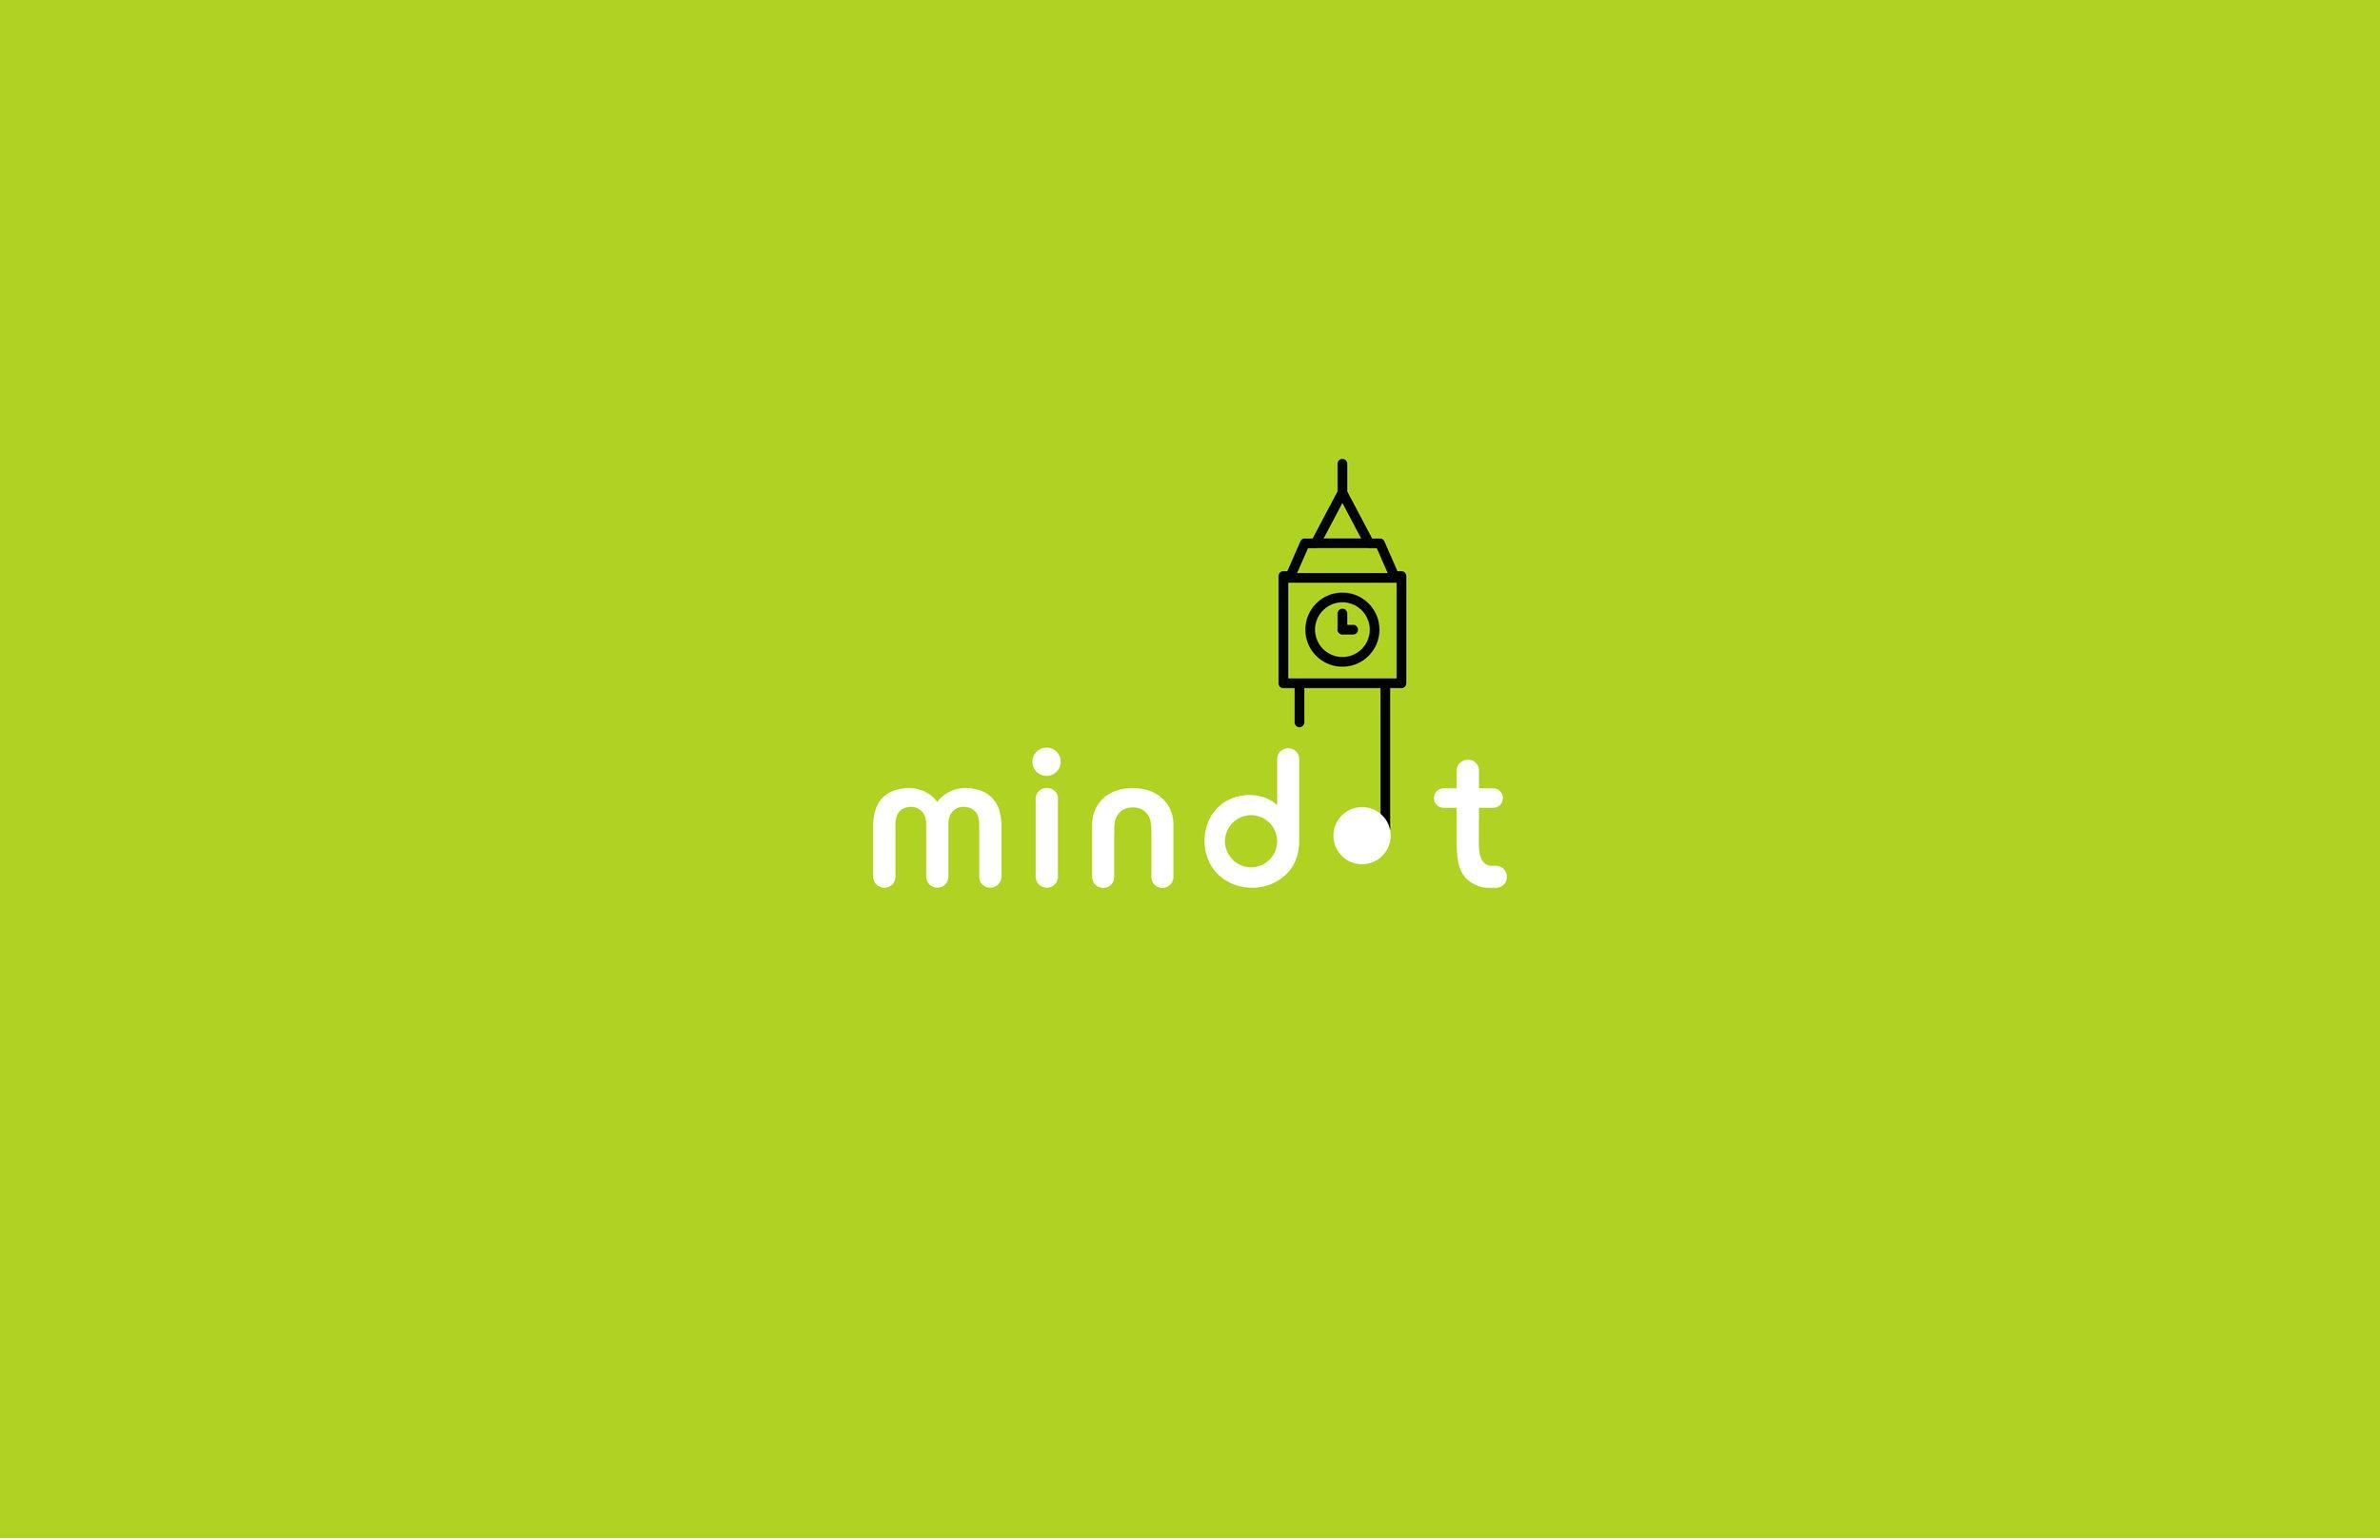 mindot_branding_12312016-13.jpg